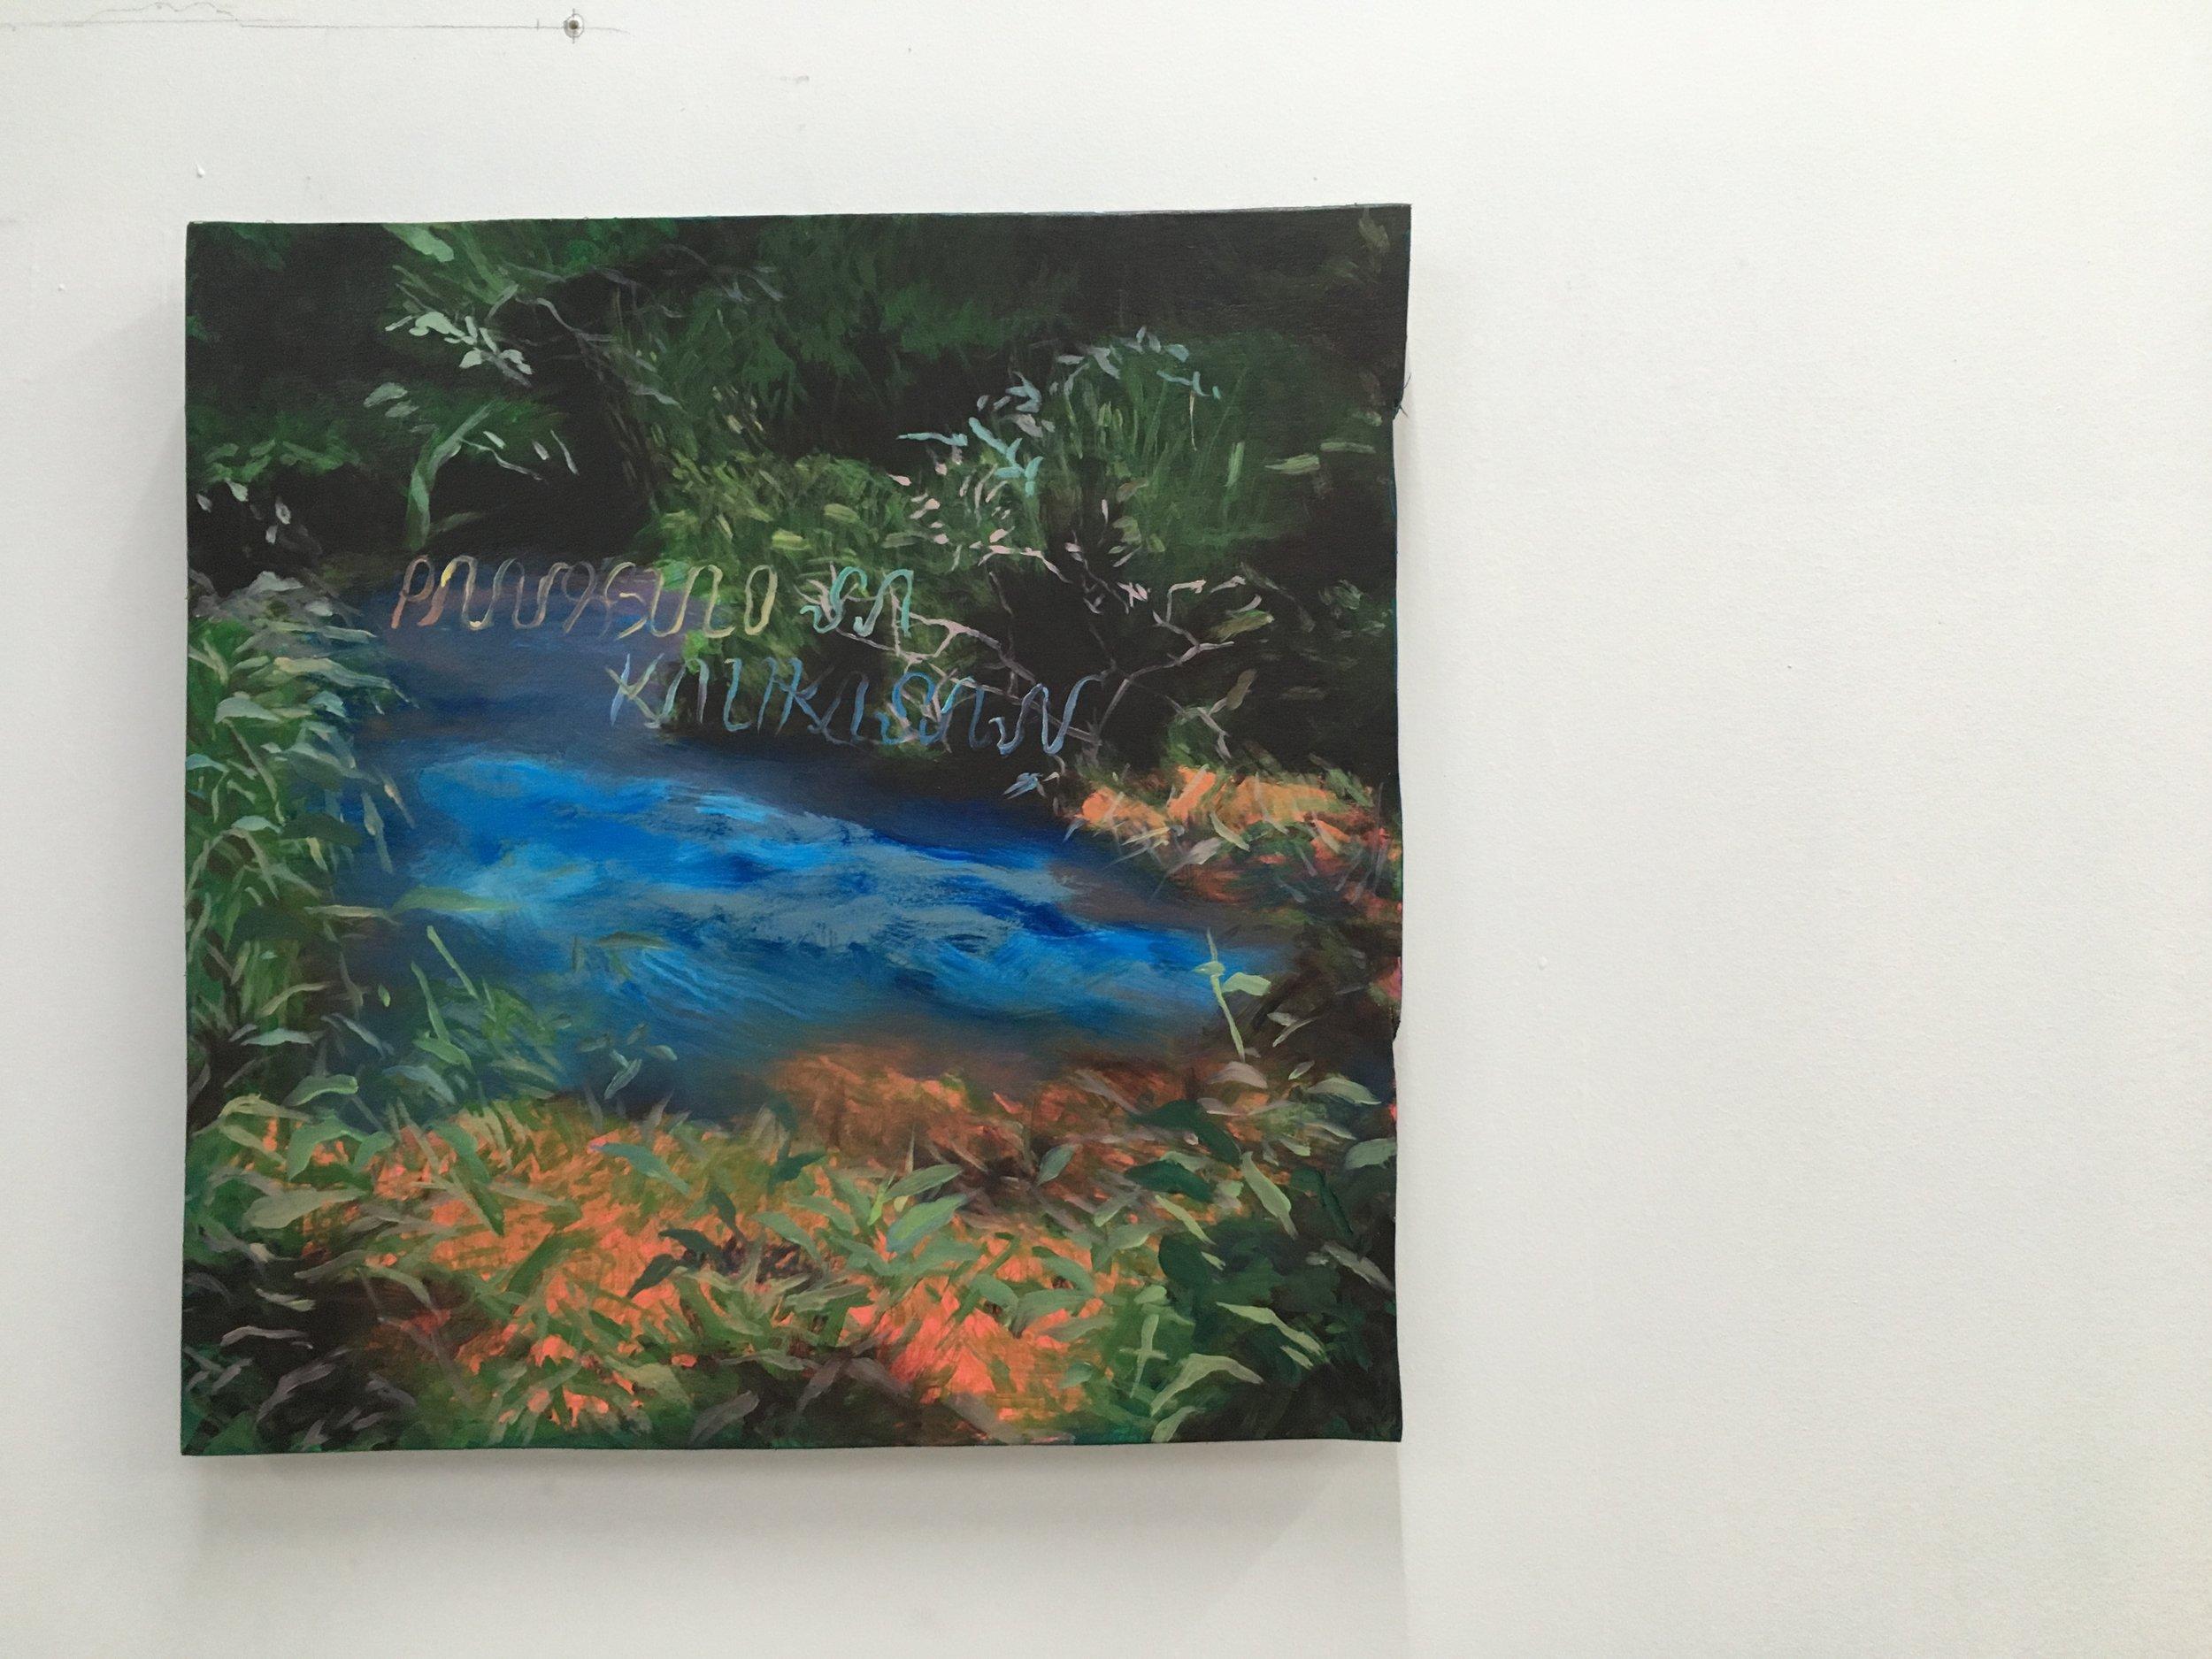 """PANGGULO SA KALIKASAN, 2018, oil, acrylic on wood 16"""" x 16"""